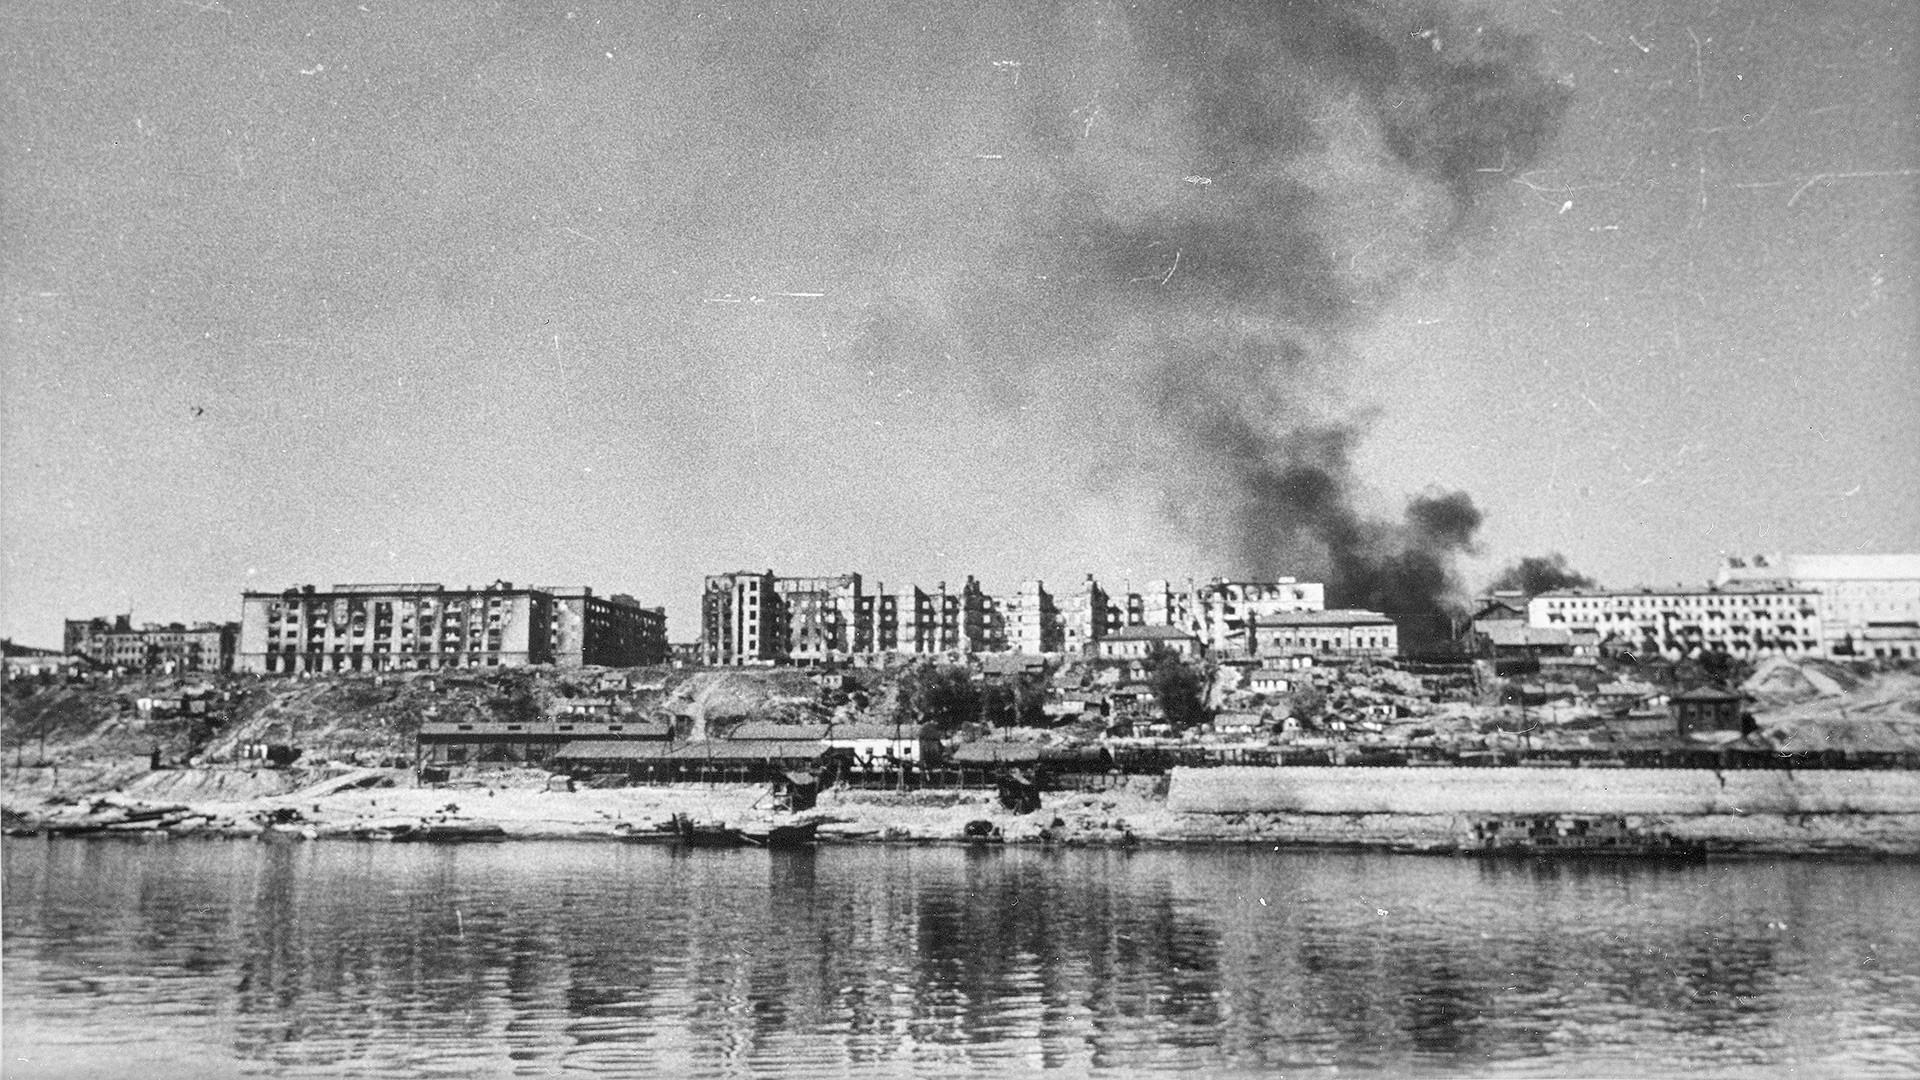 Поглед на Волгу и на срушени Стаљинград (данашњи Волгоград). Фотографија настала 1942. године.